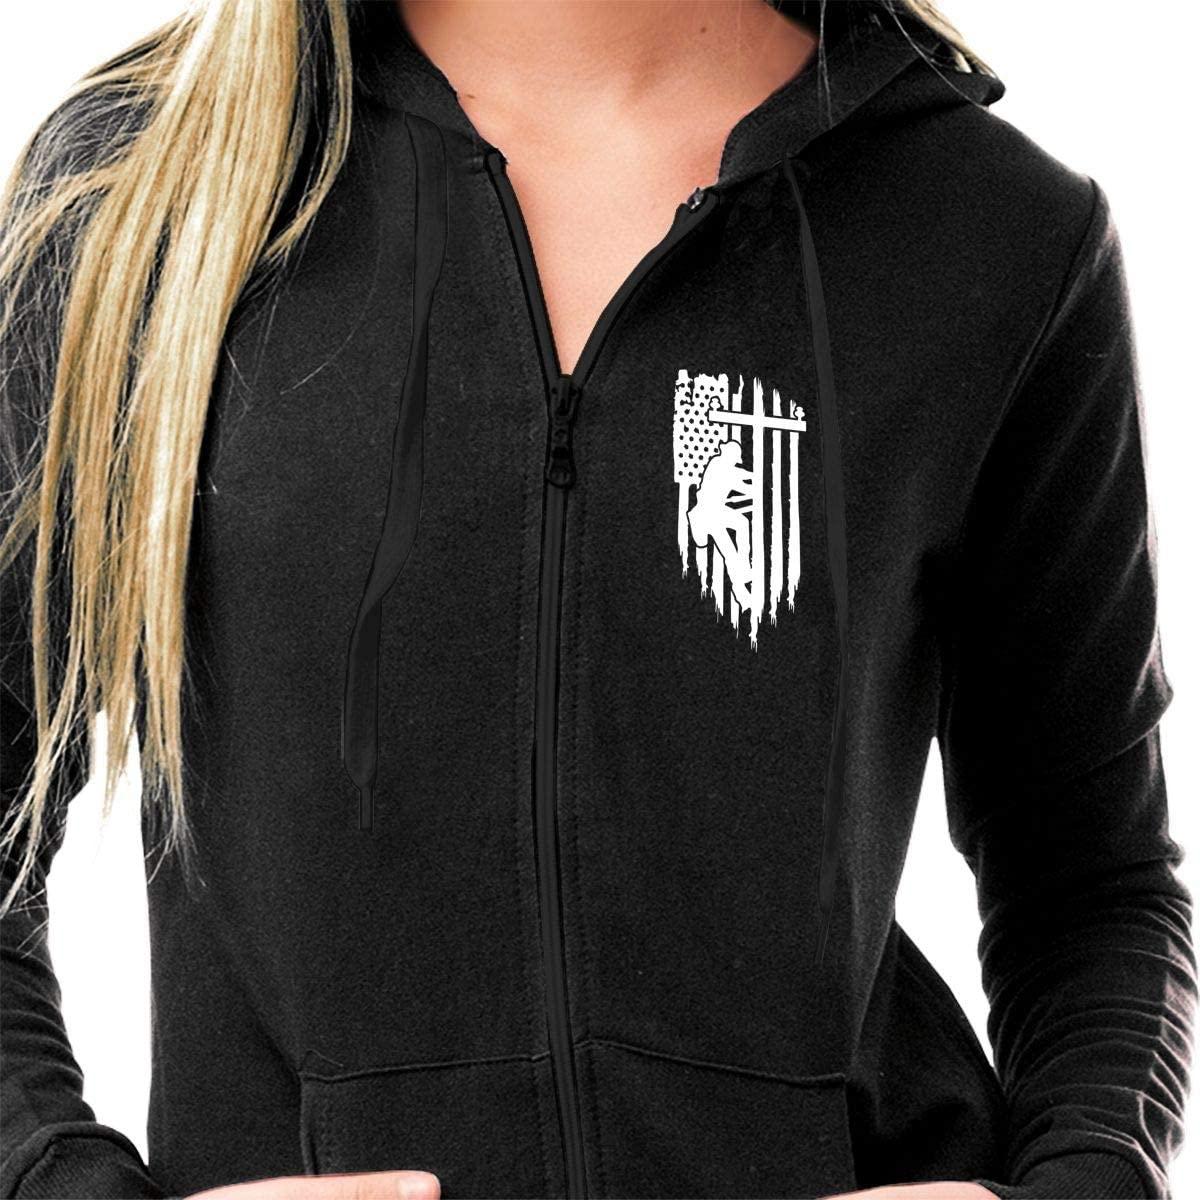 Full Zip Hoodie Graphic Jacket for Women Slim Fit Casual Long Sleeve Sweatshirts